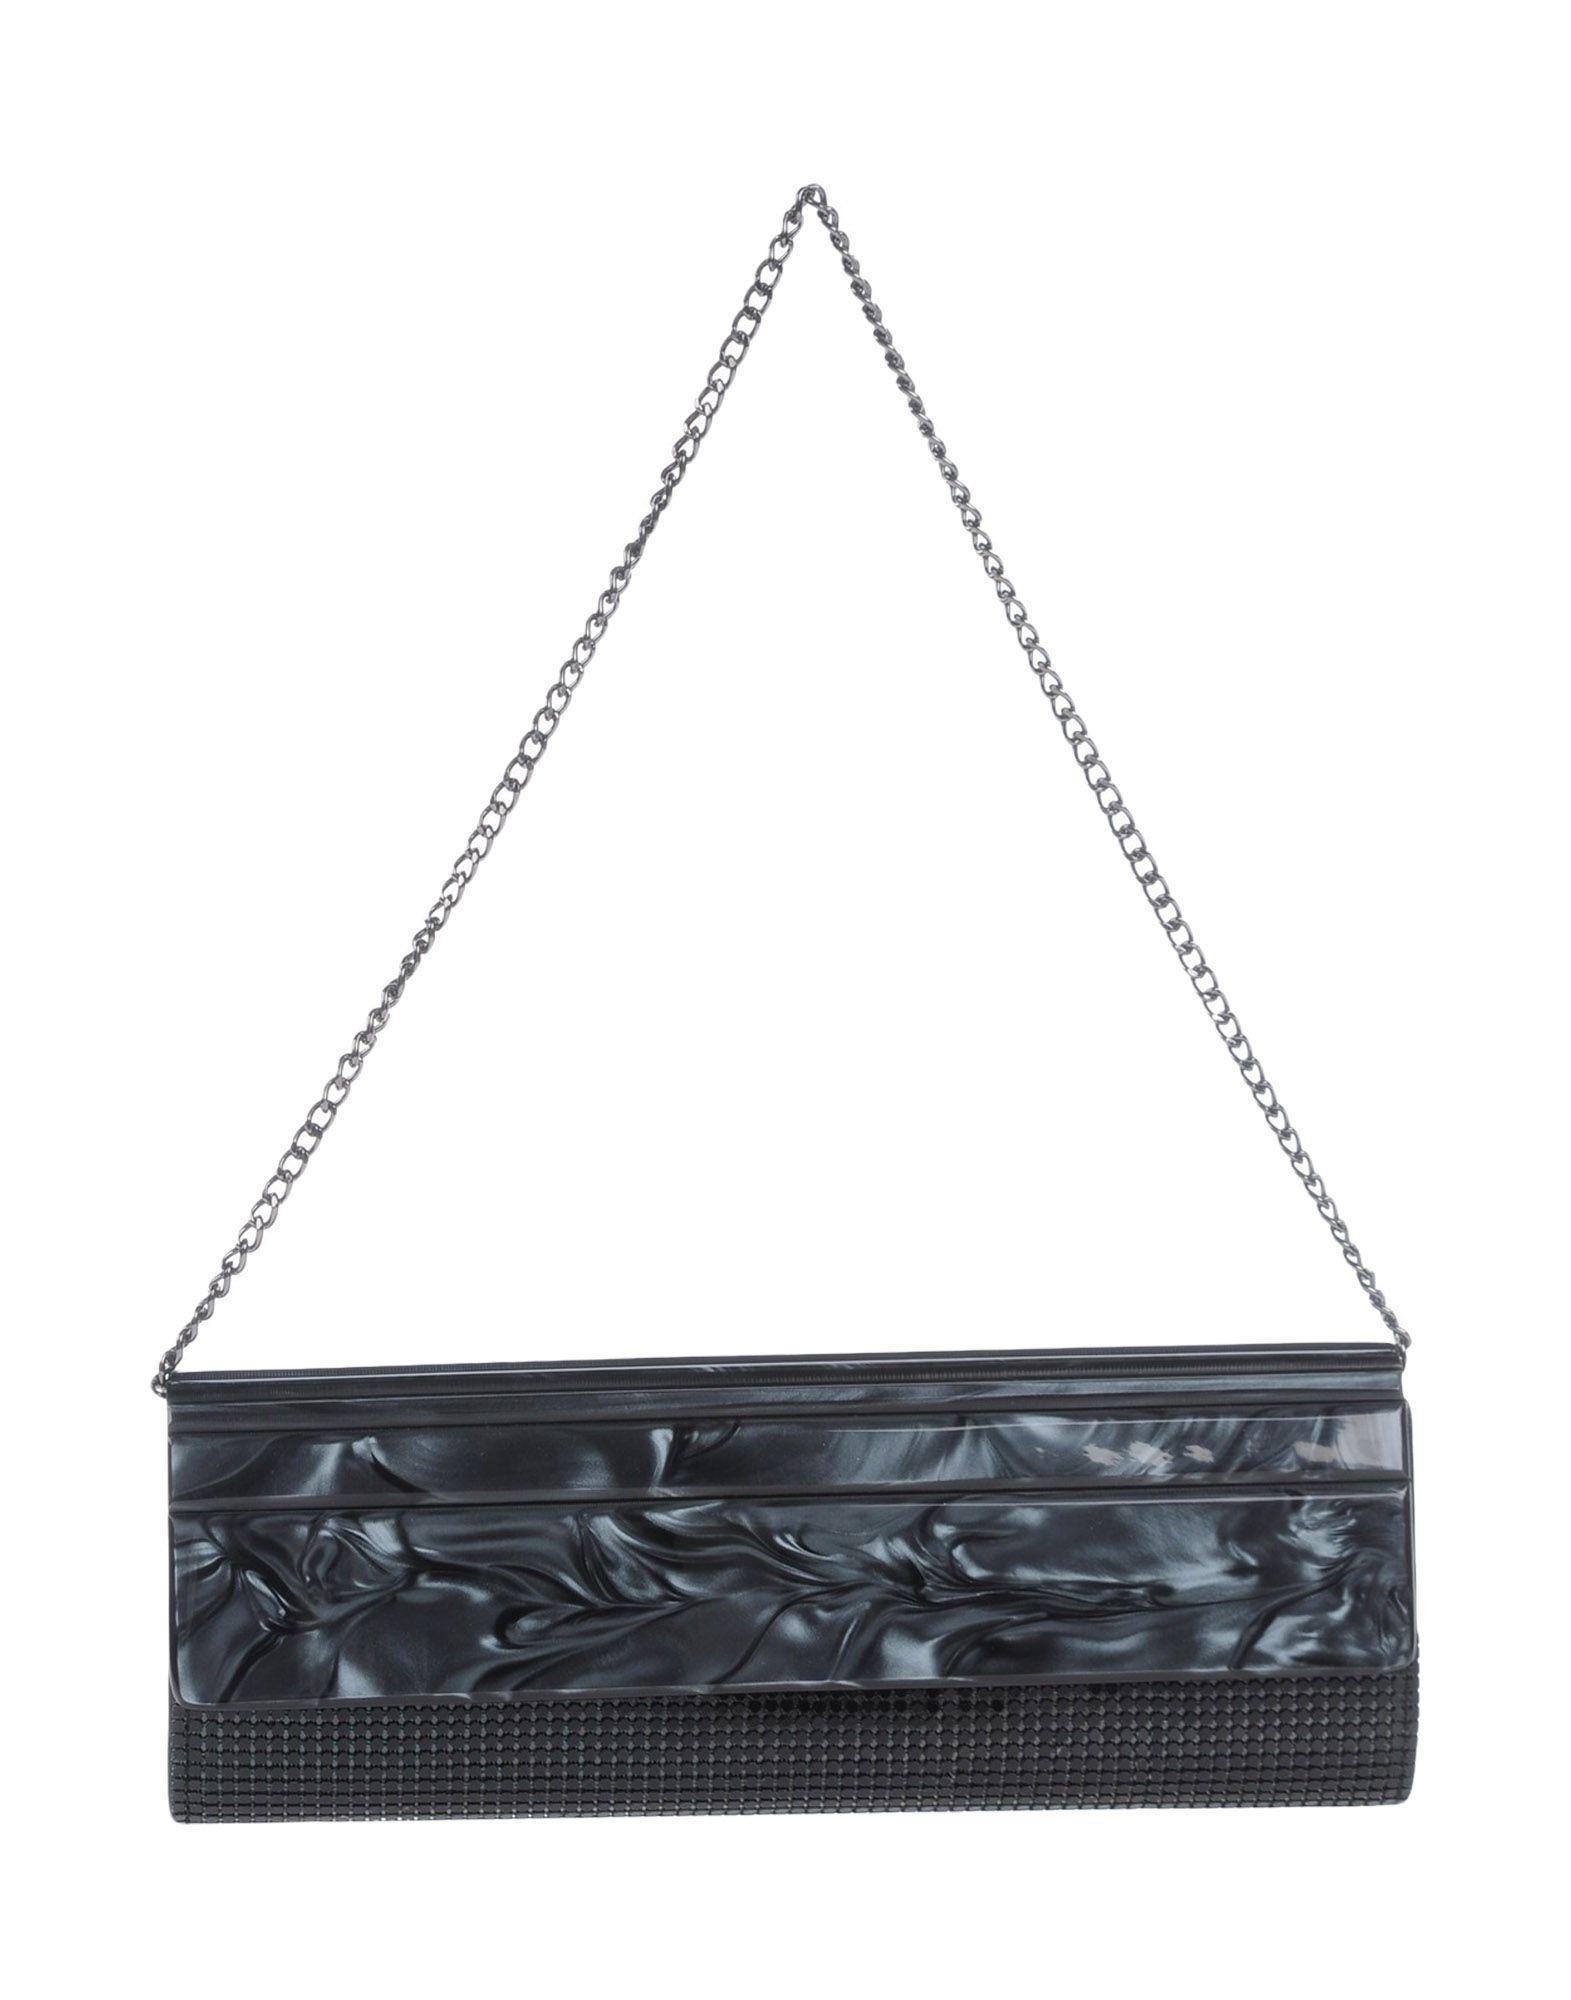 《送料無料》VOLUM レディース ハンドバッグ スチールグレー プラスティック 100%